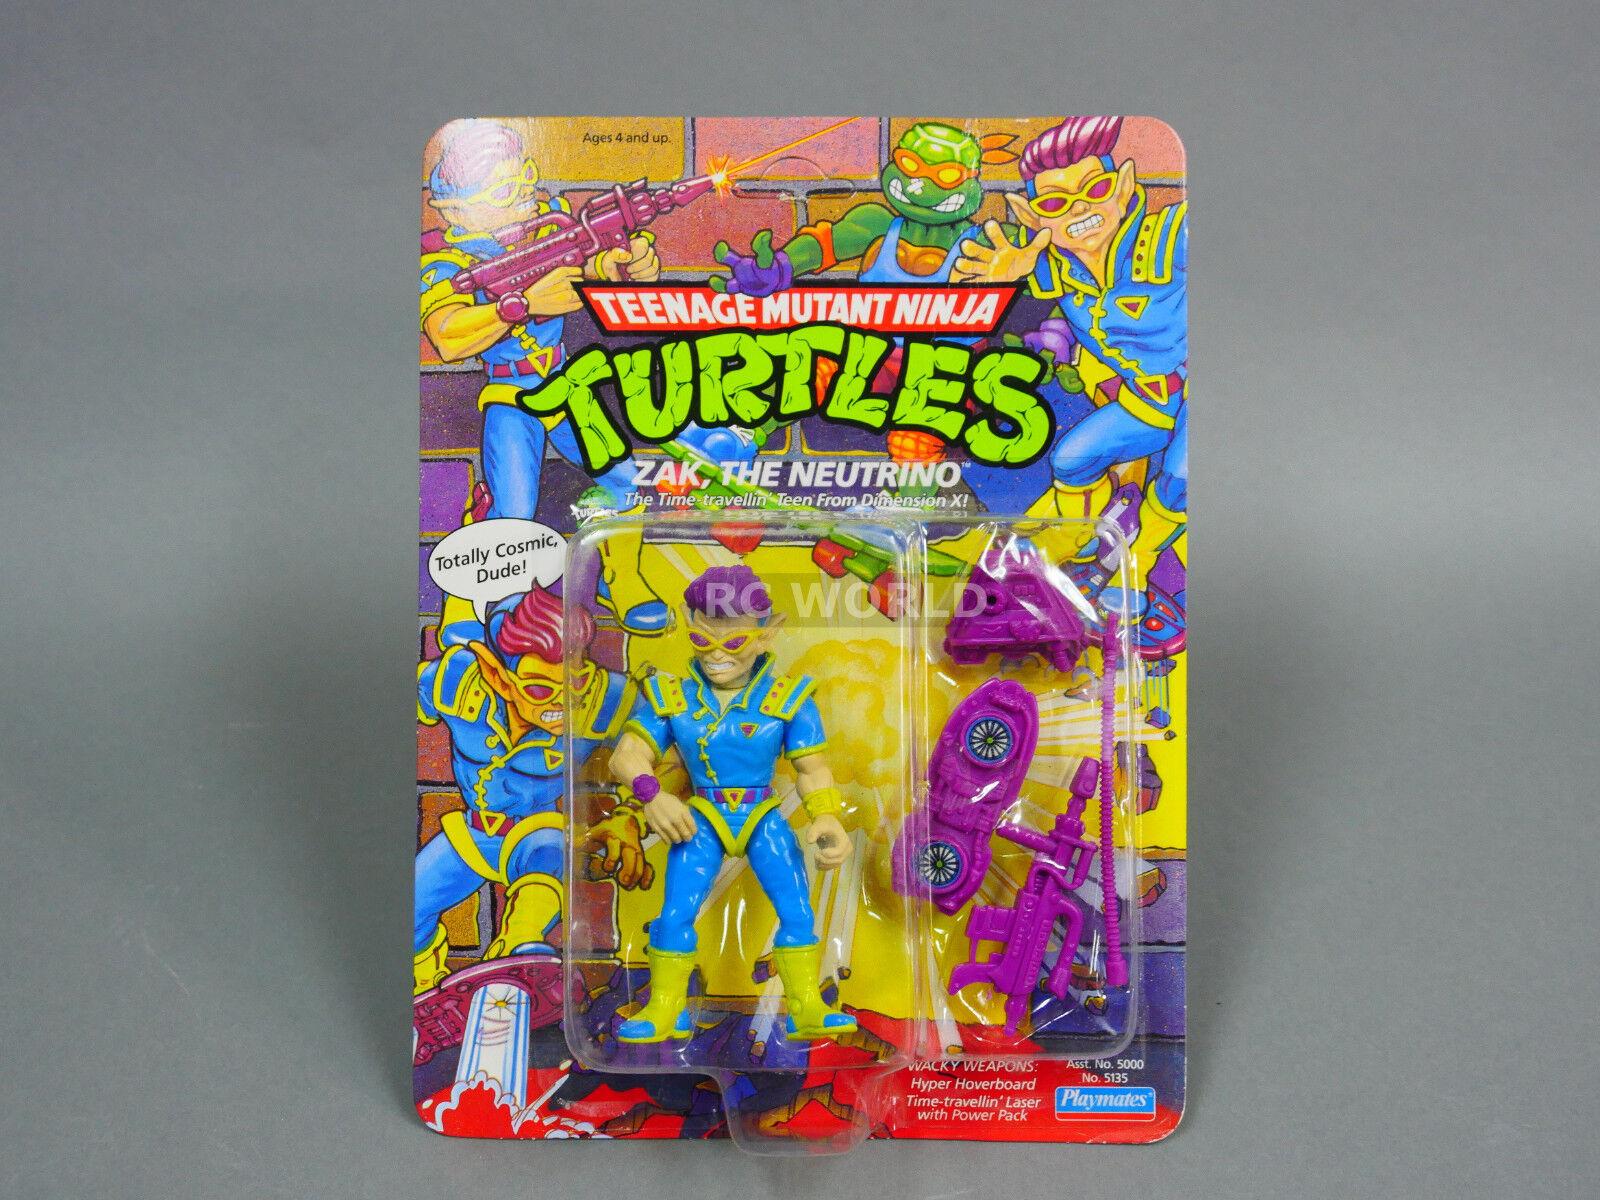 Jugarmates Teenage Mutant Ninja Turtles TEENAGE MUTANT NINJA TURTLES Zak el neutrino-ENLOMADOR -  G3